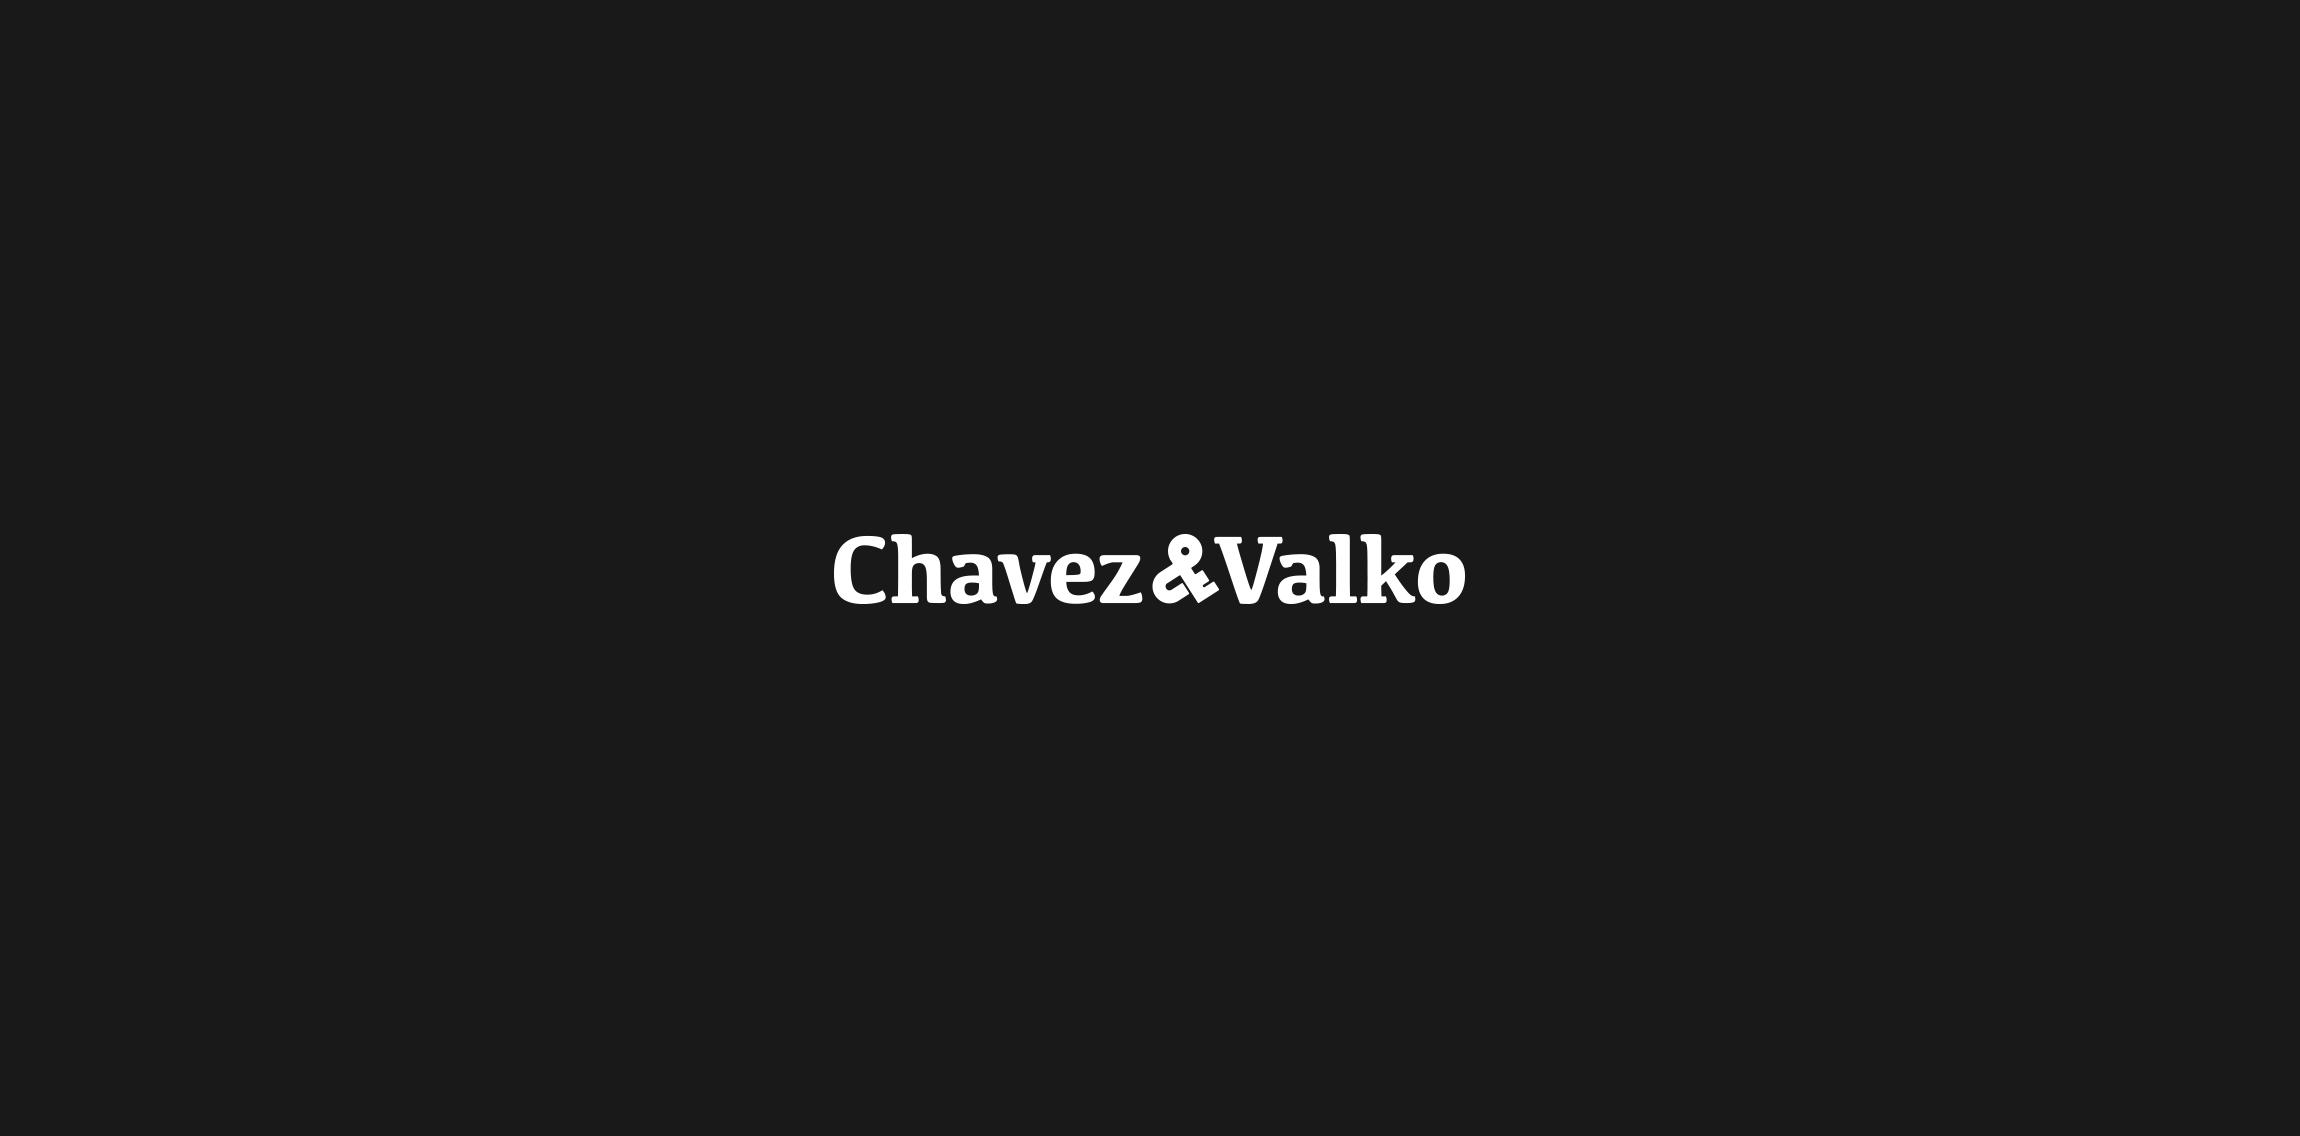 Chavez & Valko